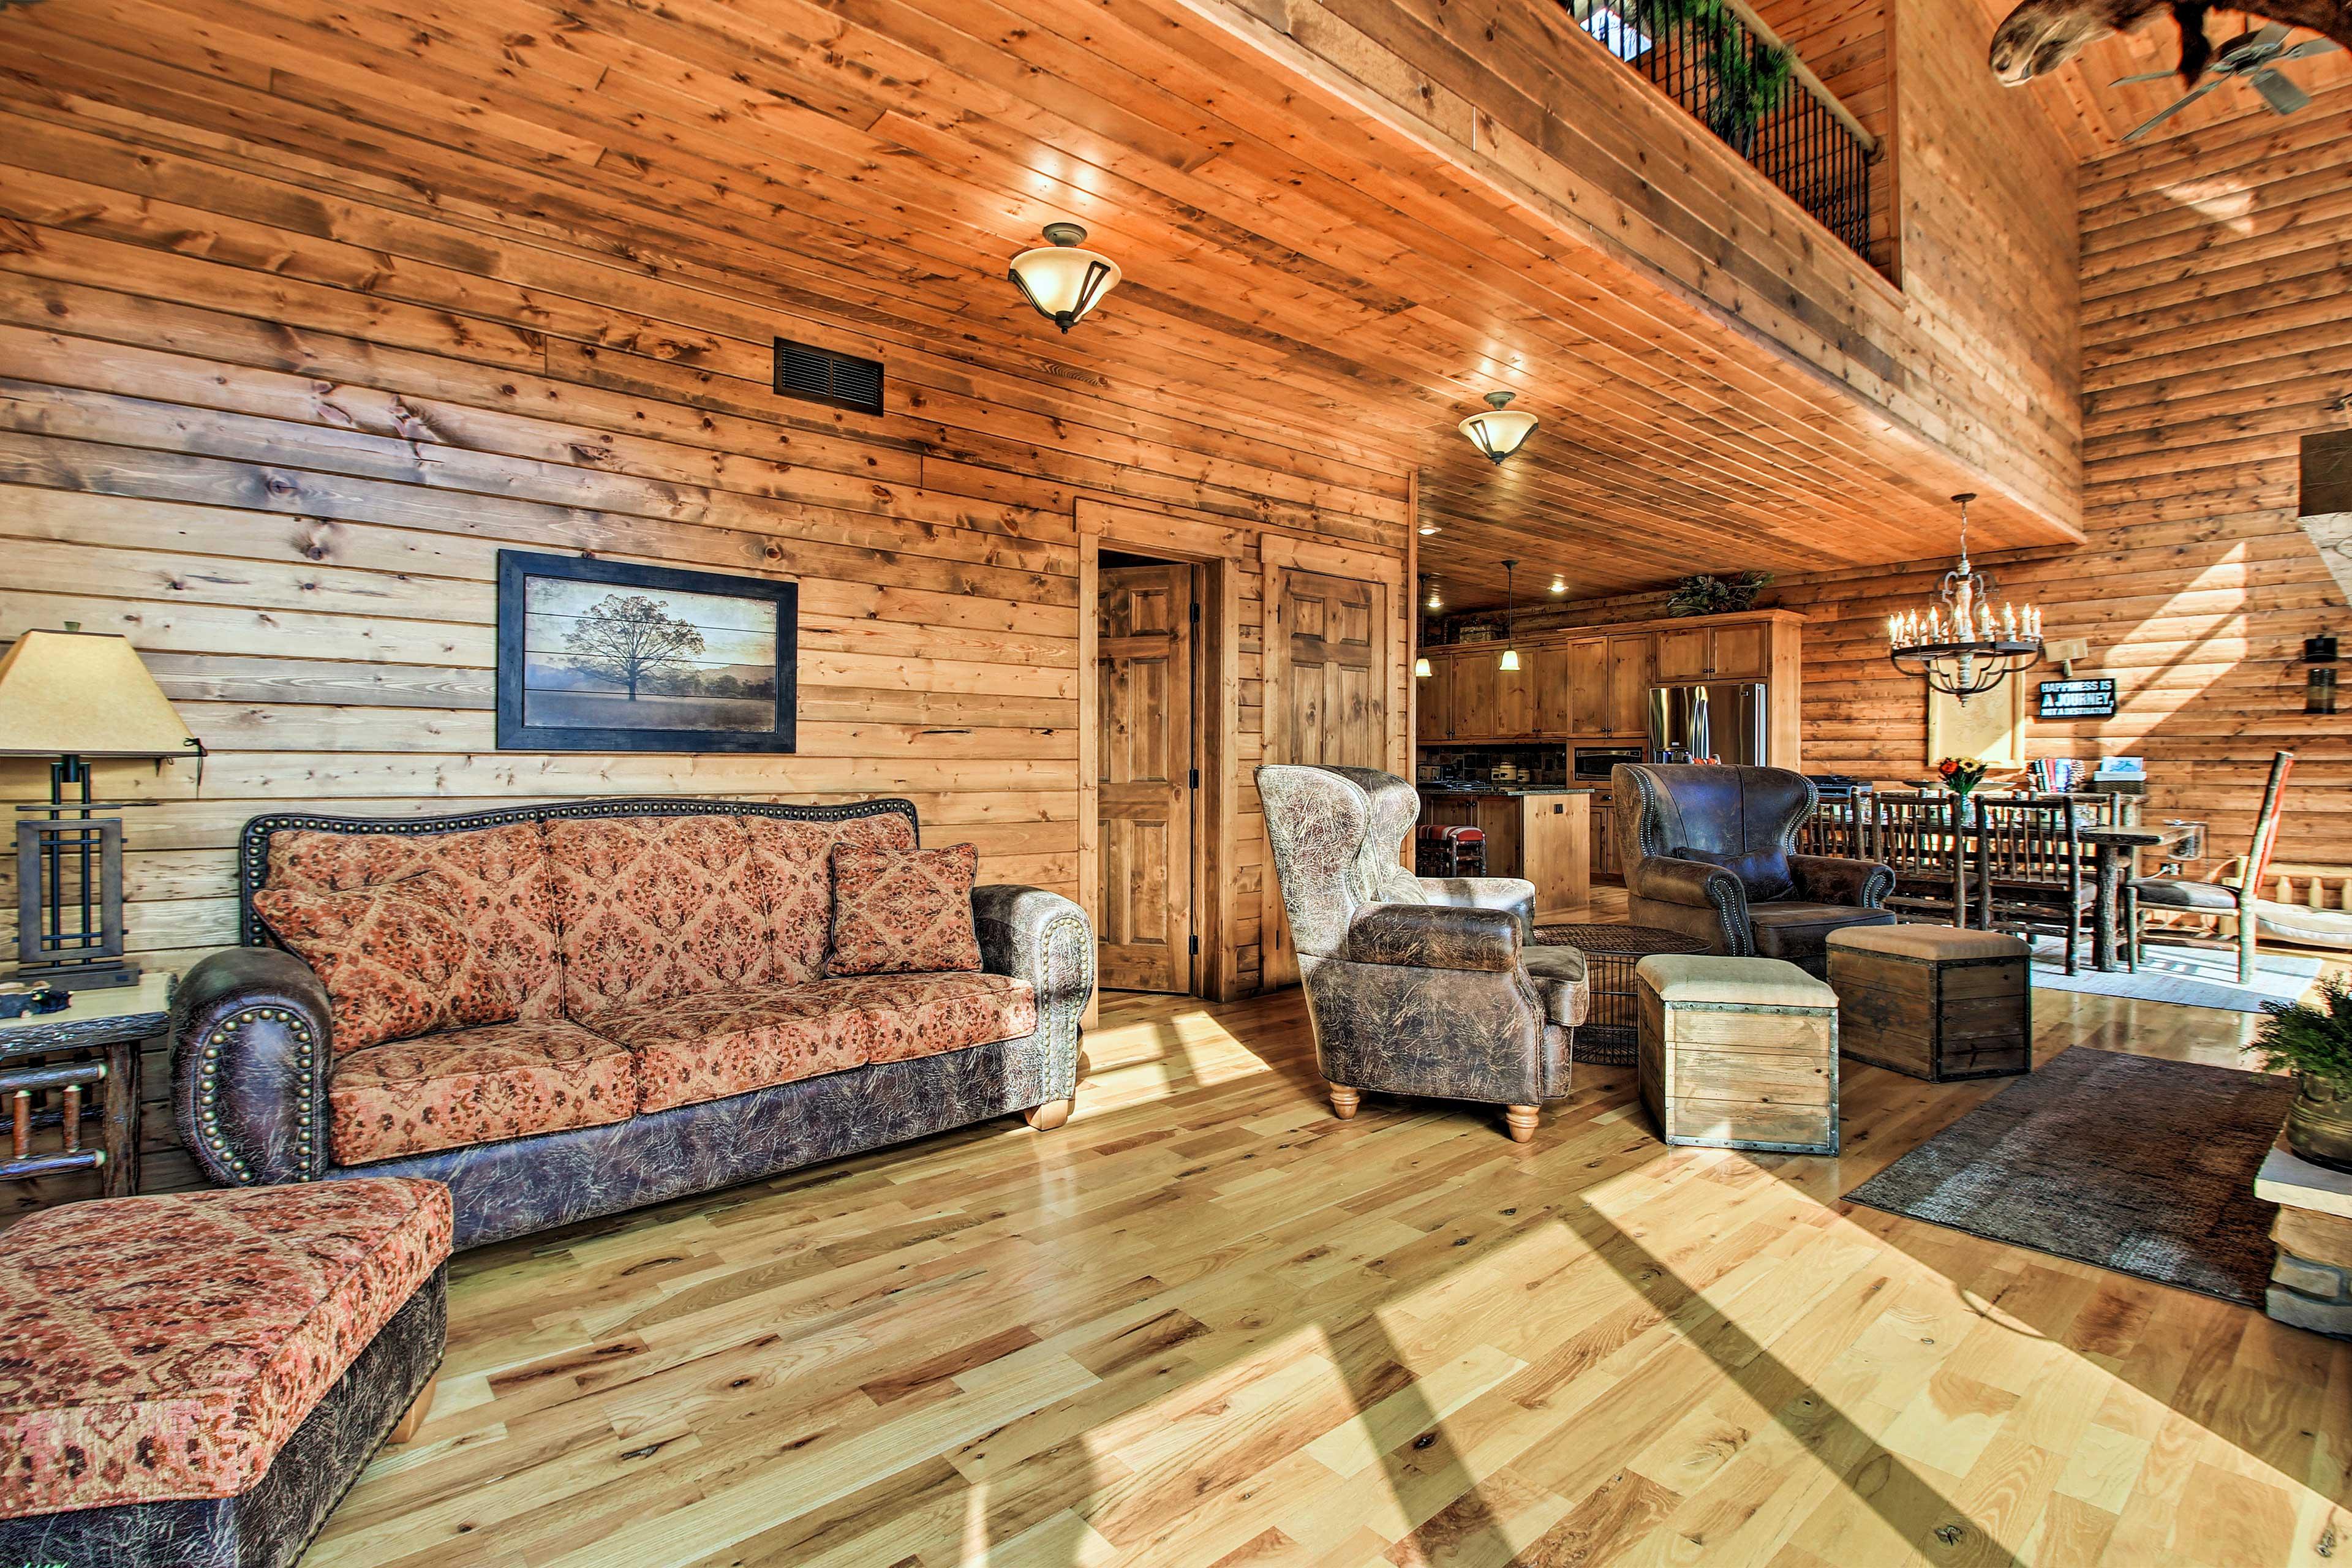 Elegant furnishings will make you feel at home.